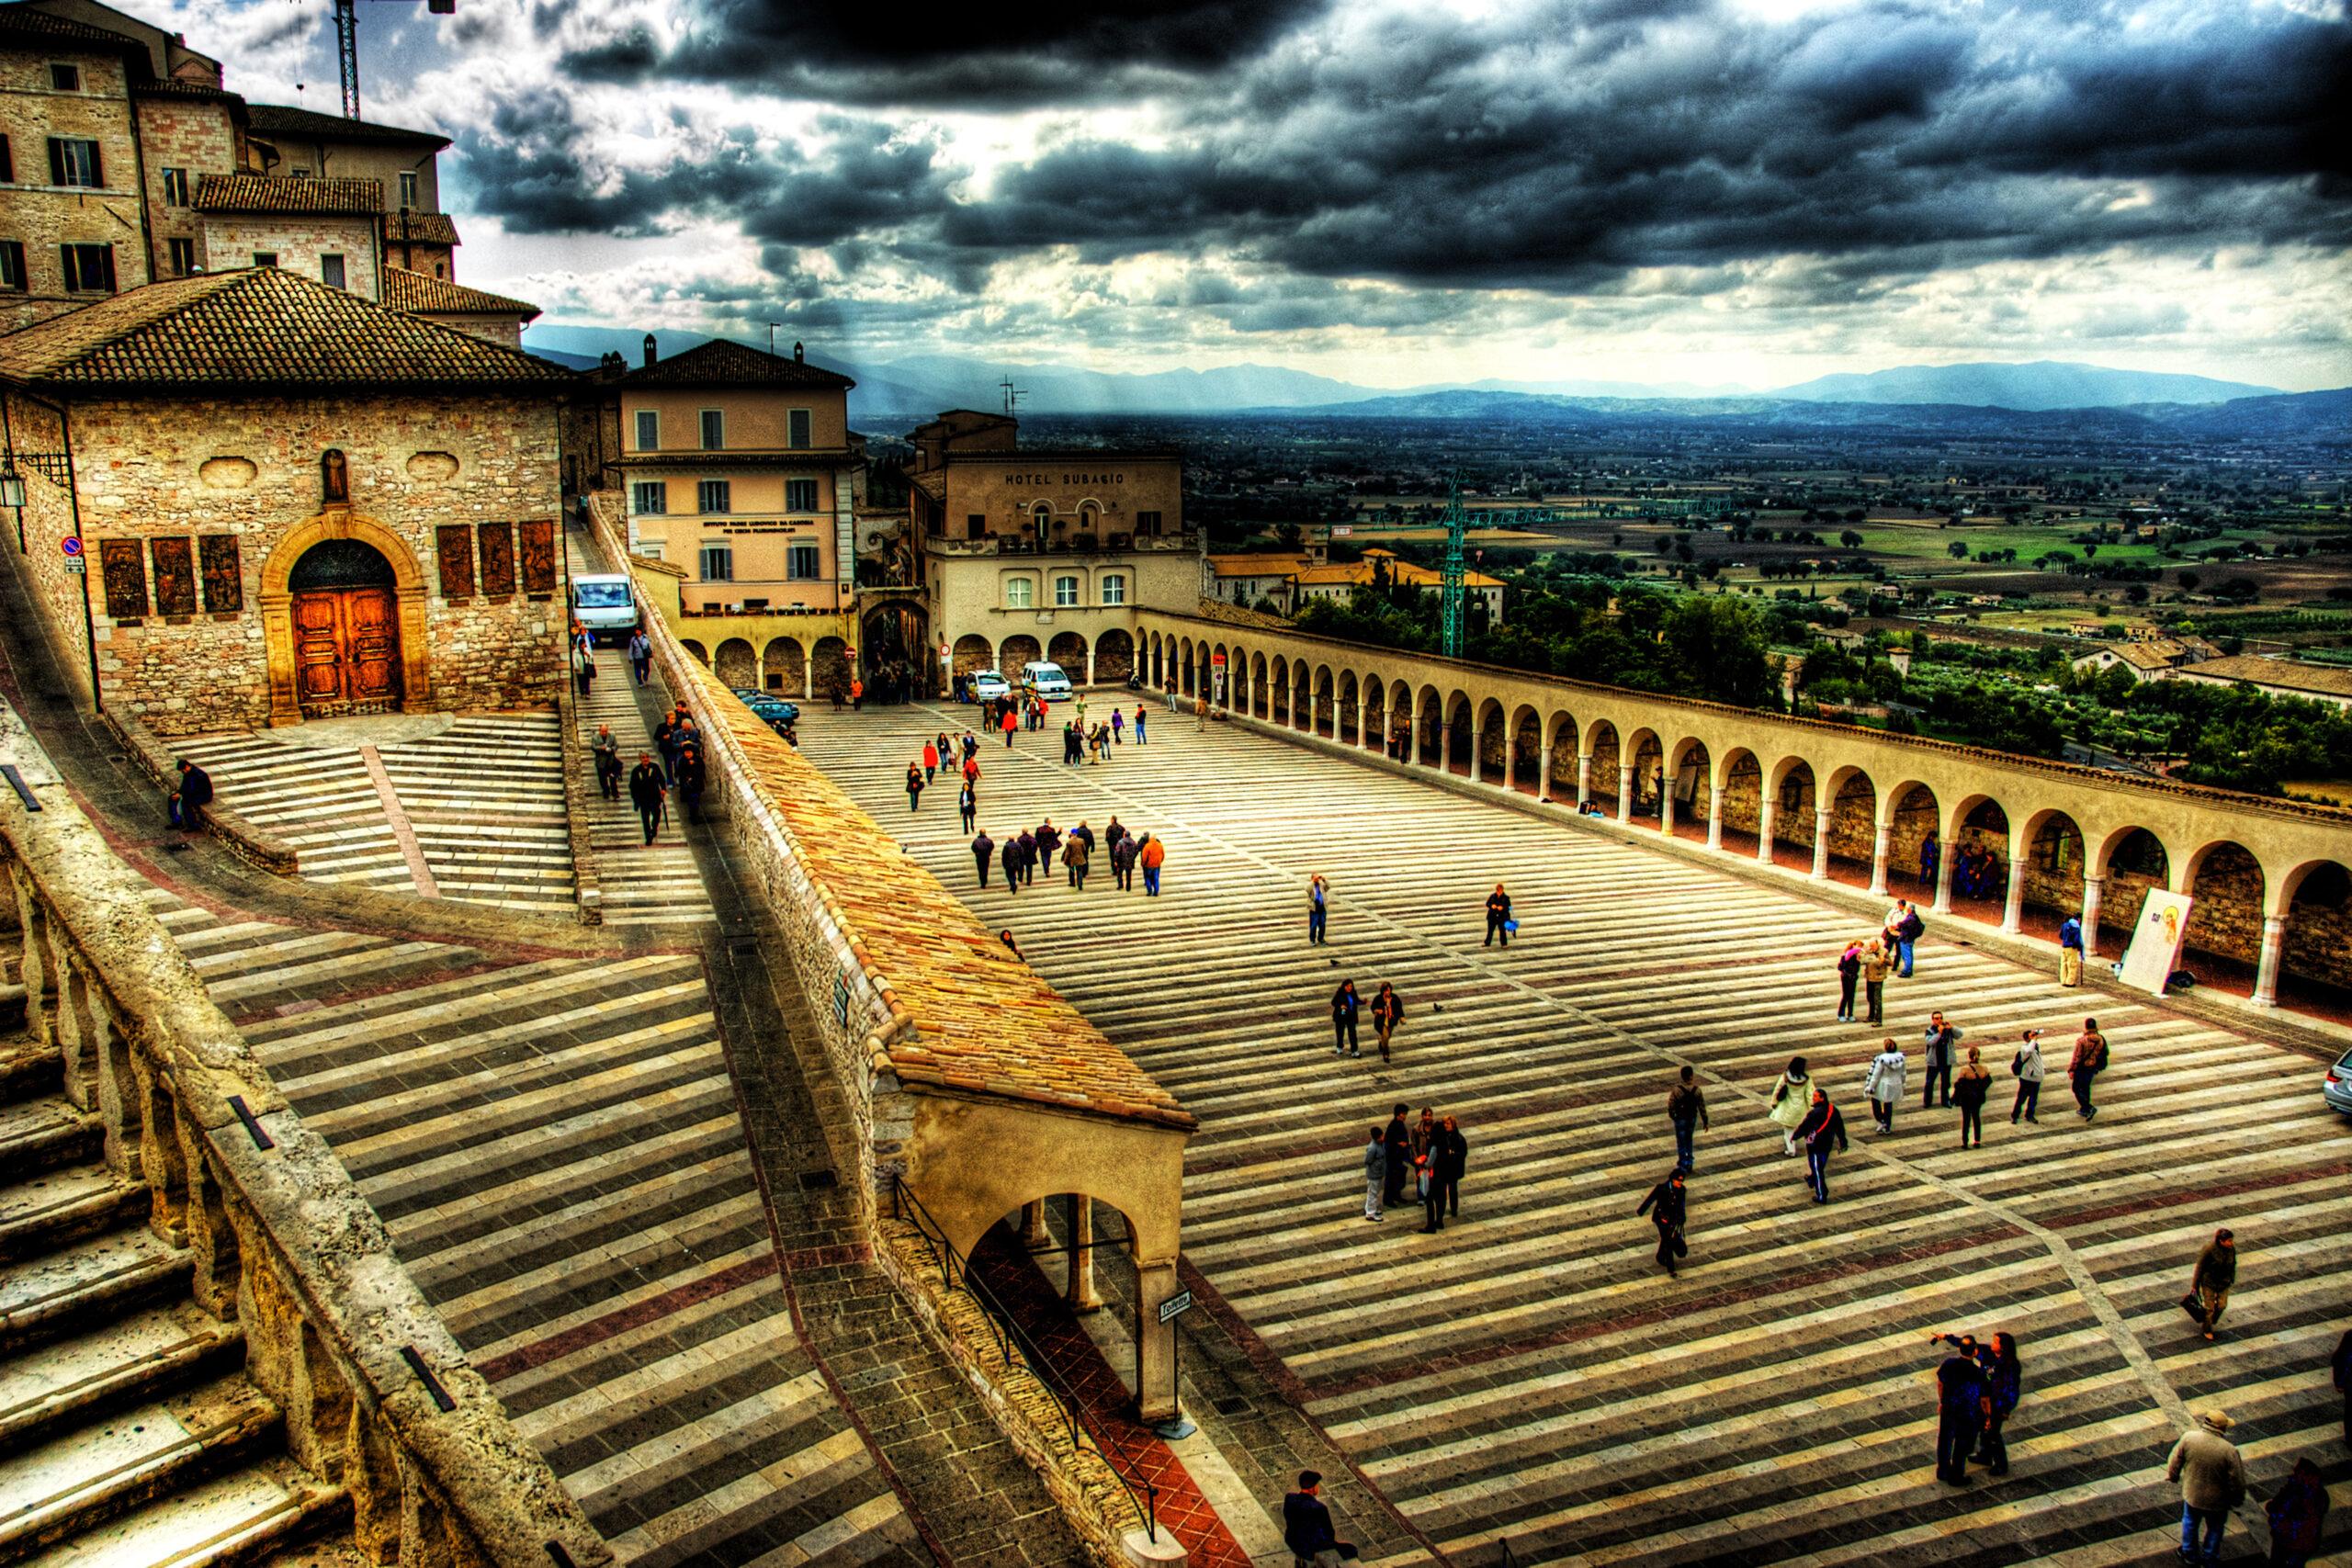 Motoevasioni ad Assisi nel centro storico in moto